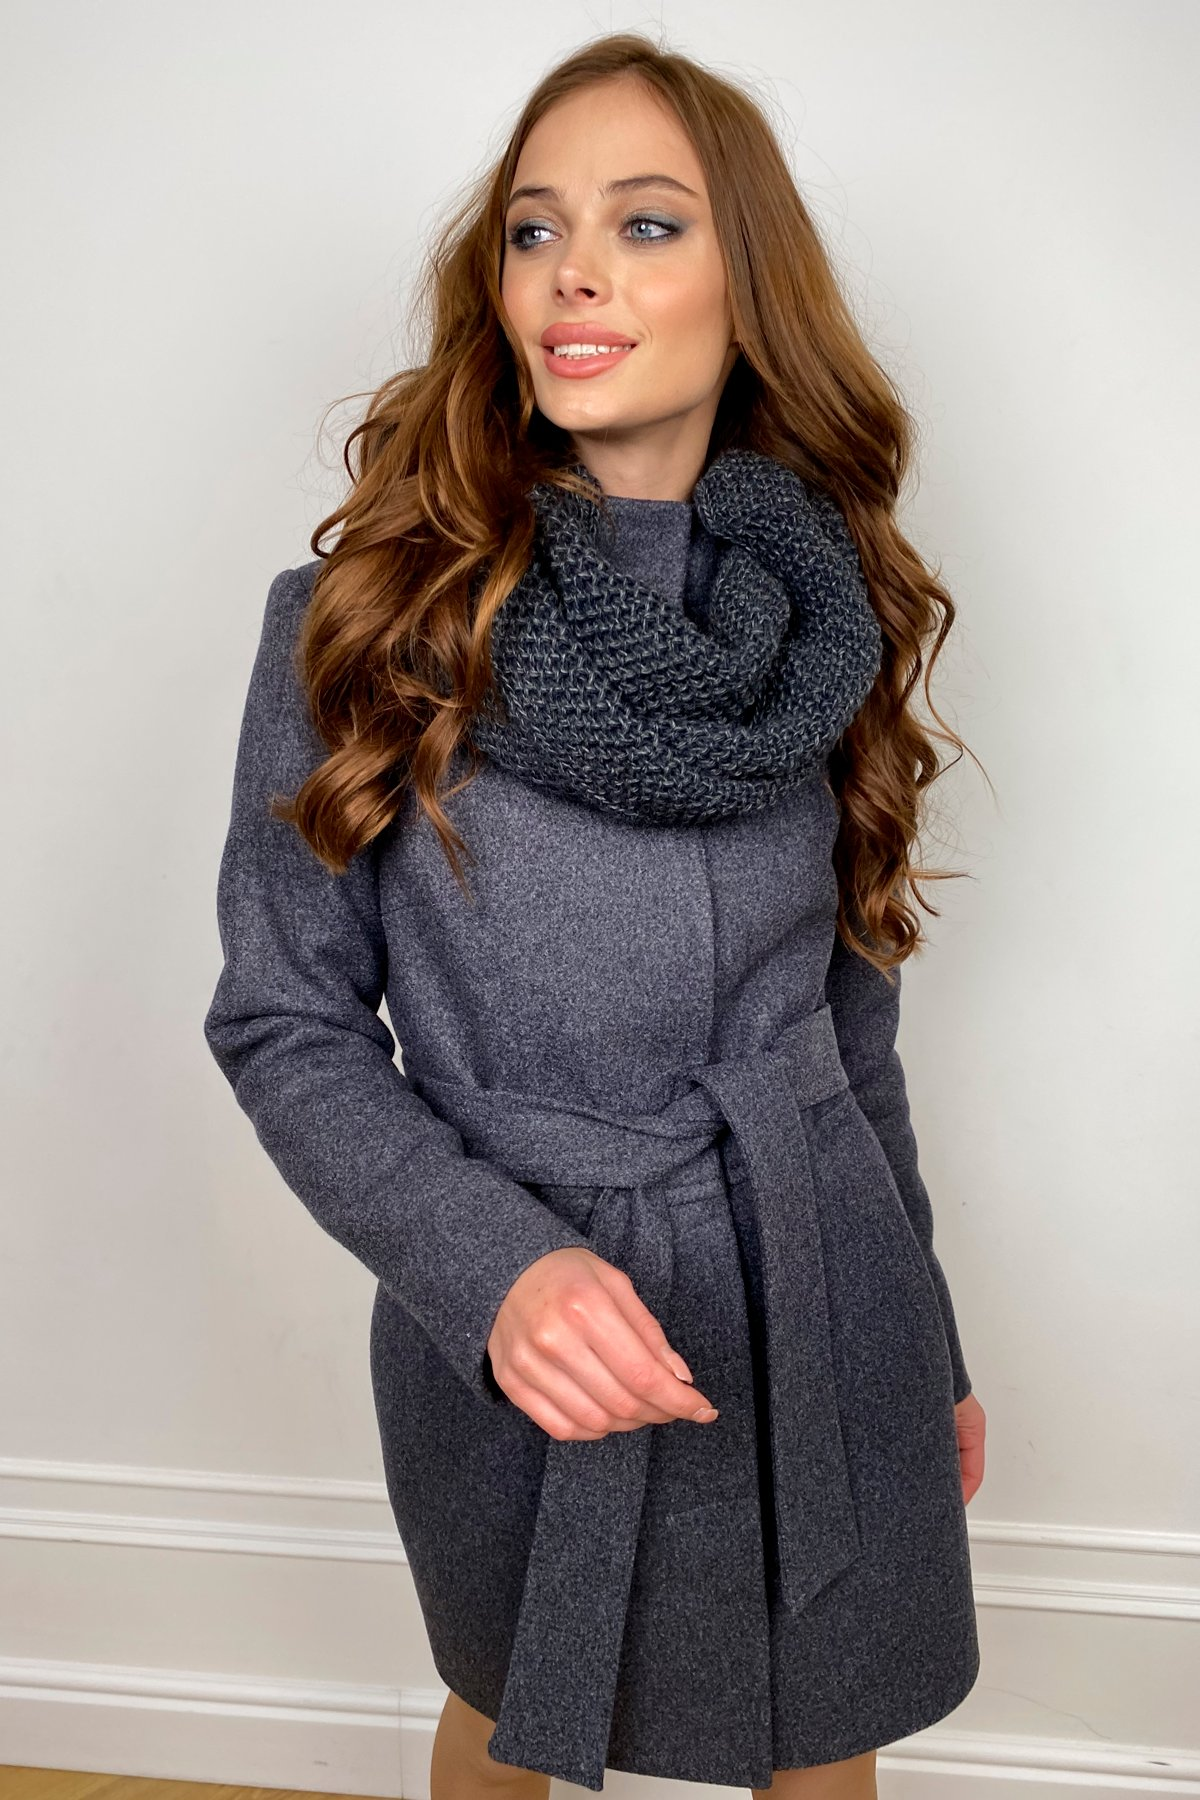 Пальто женское зимнее Габи 8295 с шарфом-трубой АРТ. 44407 Цвет: т. синий 543 - фото 4, интернет магазин tm-modus.ru